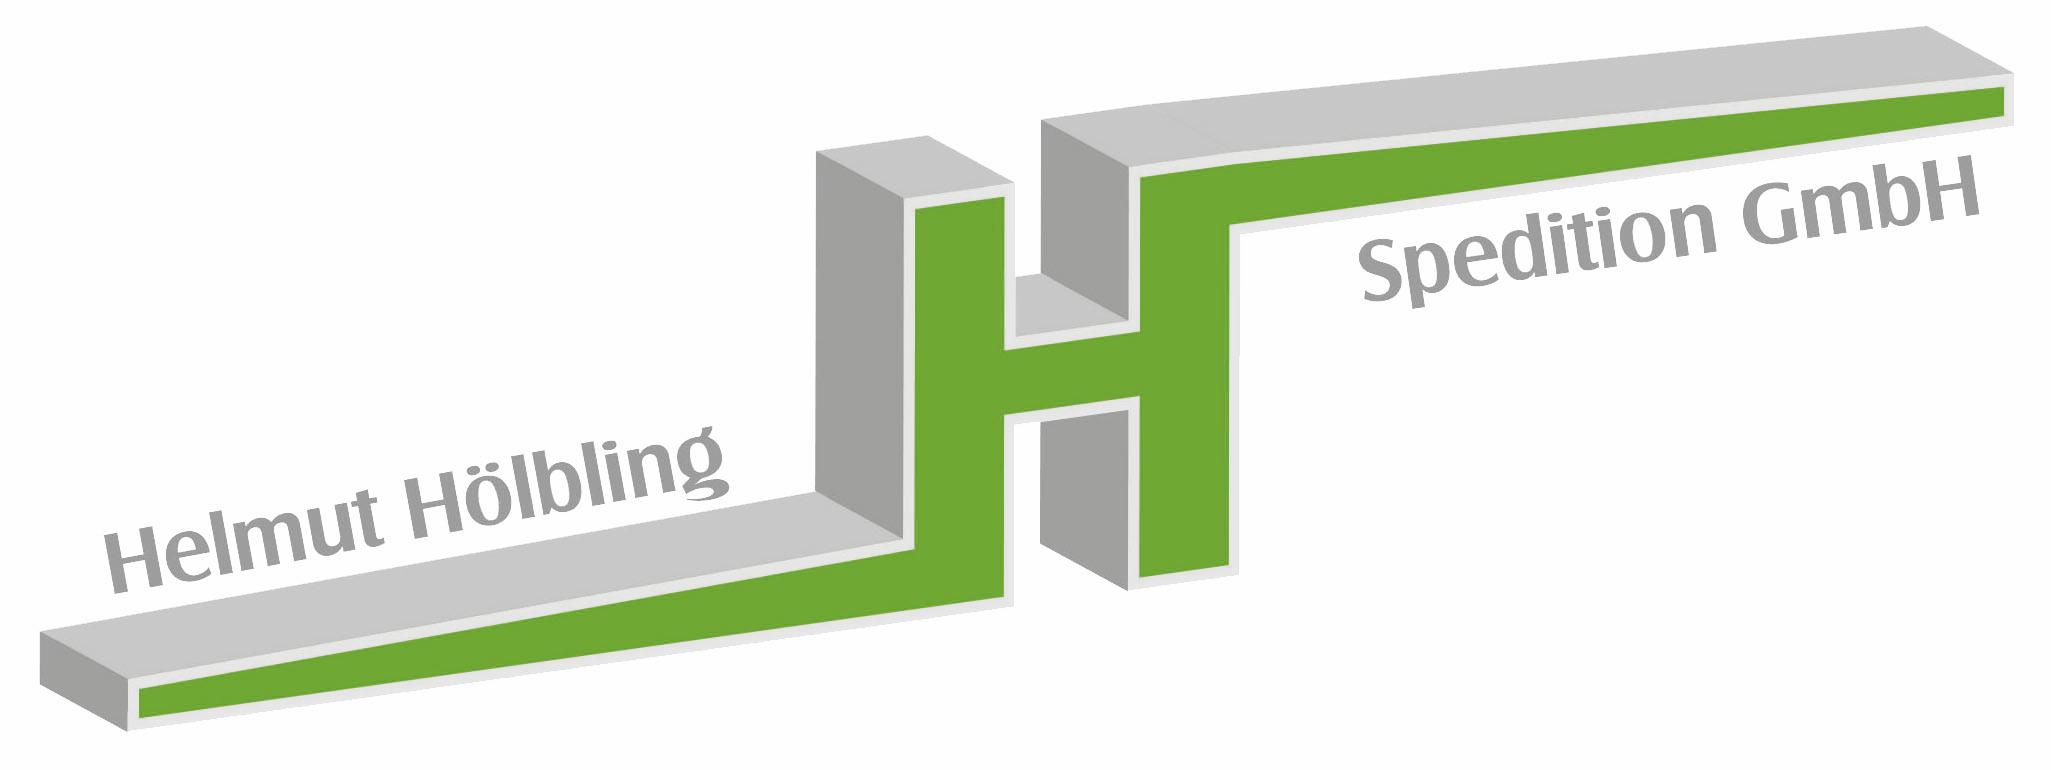 Helmut Hölbling Spedition GmbH in Salzburg und Graz | Jahrelange Erfahrung und fachspezifisches Know-how bei Logistiklösungen Ihr Speditionsunternehmen Helmut Hölbling Spedition GmbH in Salzburg und Graz.